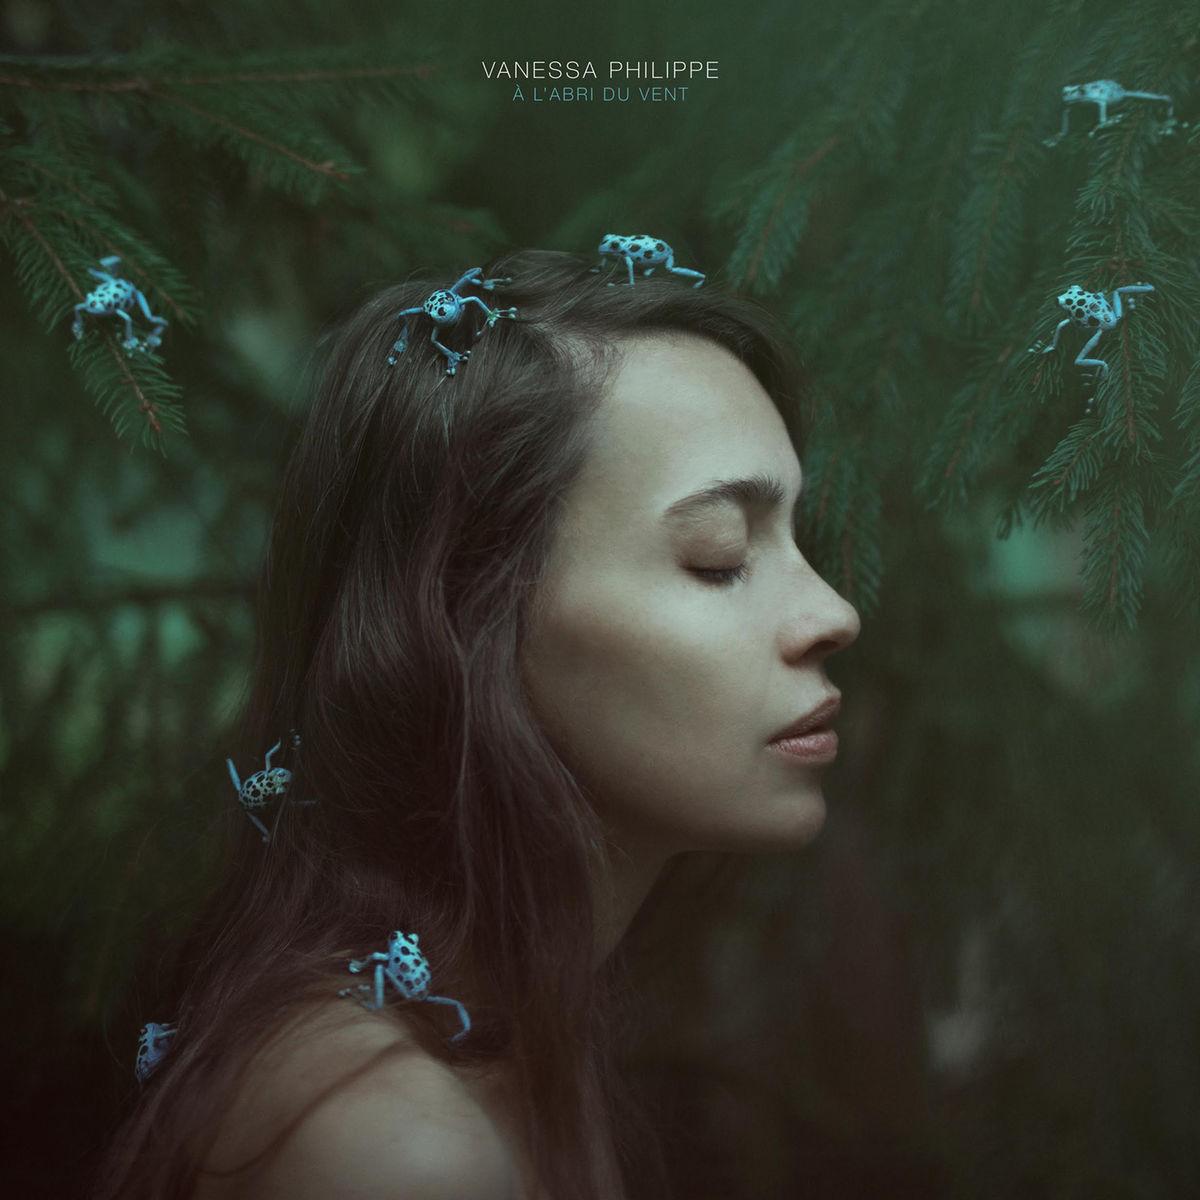 Vanessa Philippe A labri du vent